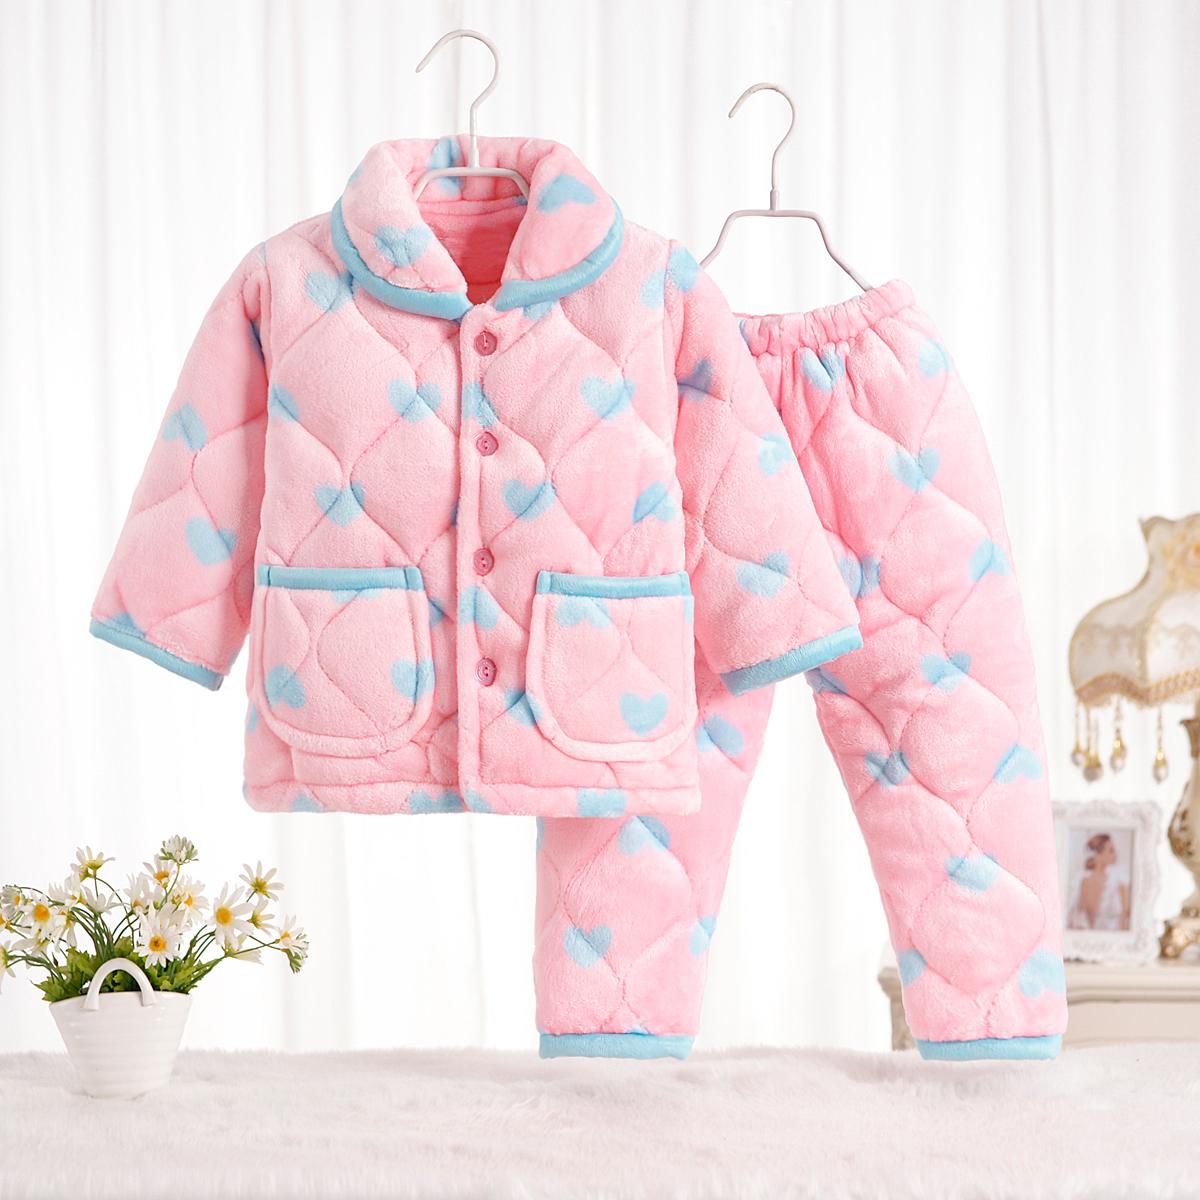 秋冬季儿童法兰绒睡衣女童女孩男童珊瑚绒套装小孩宝宝夹棉加厚款